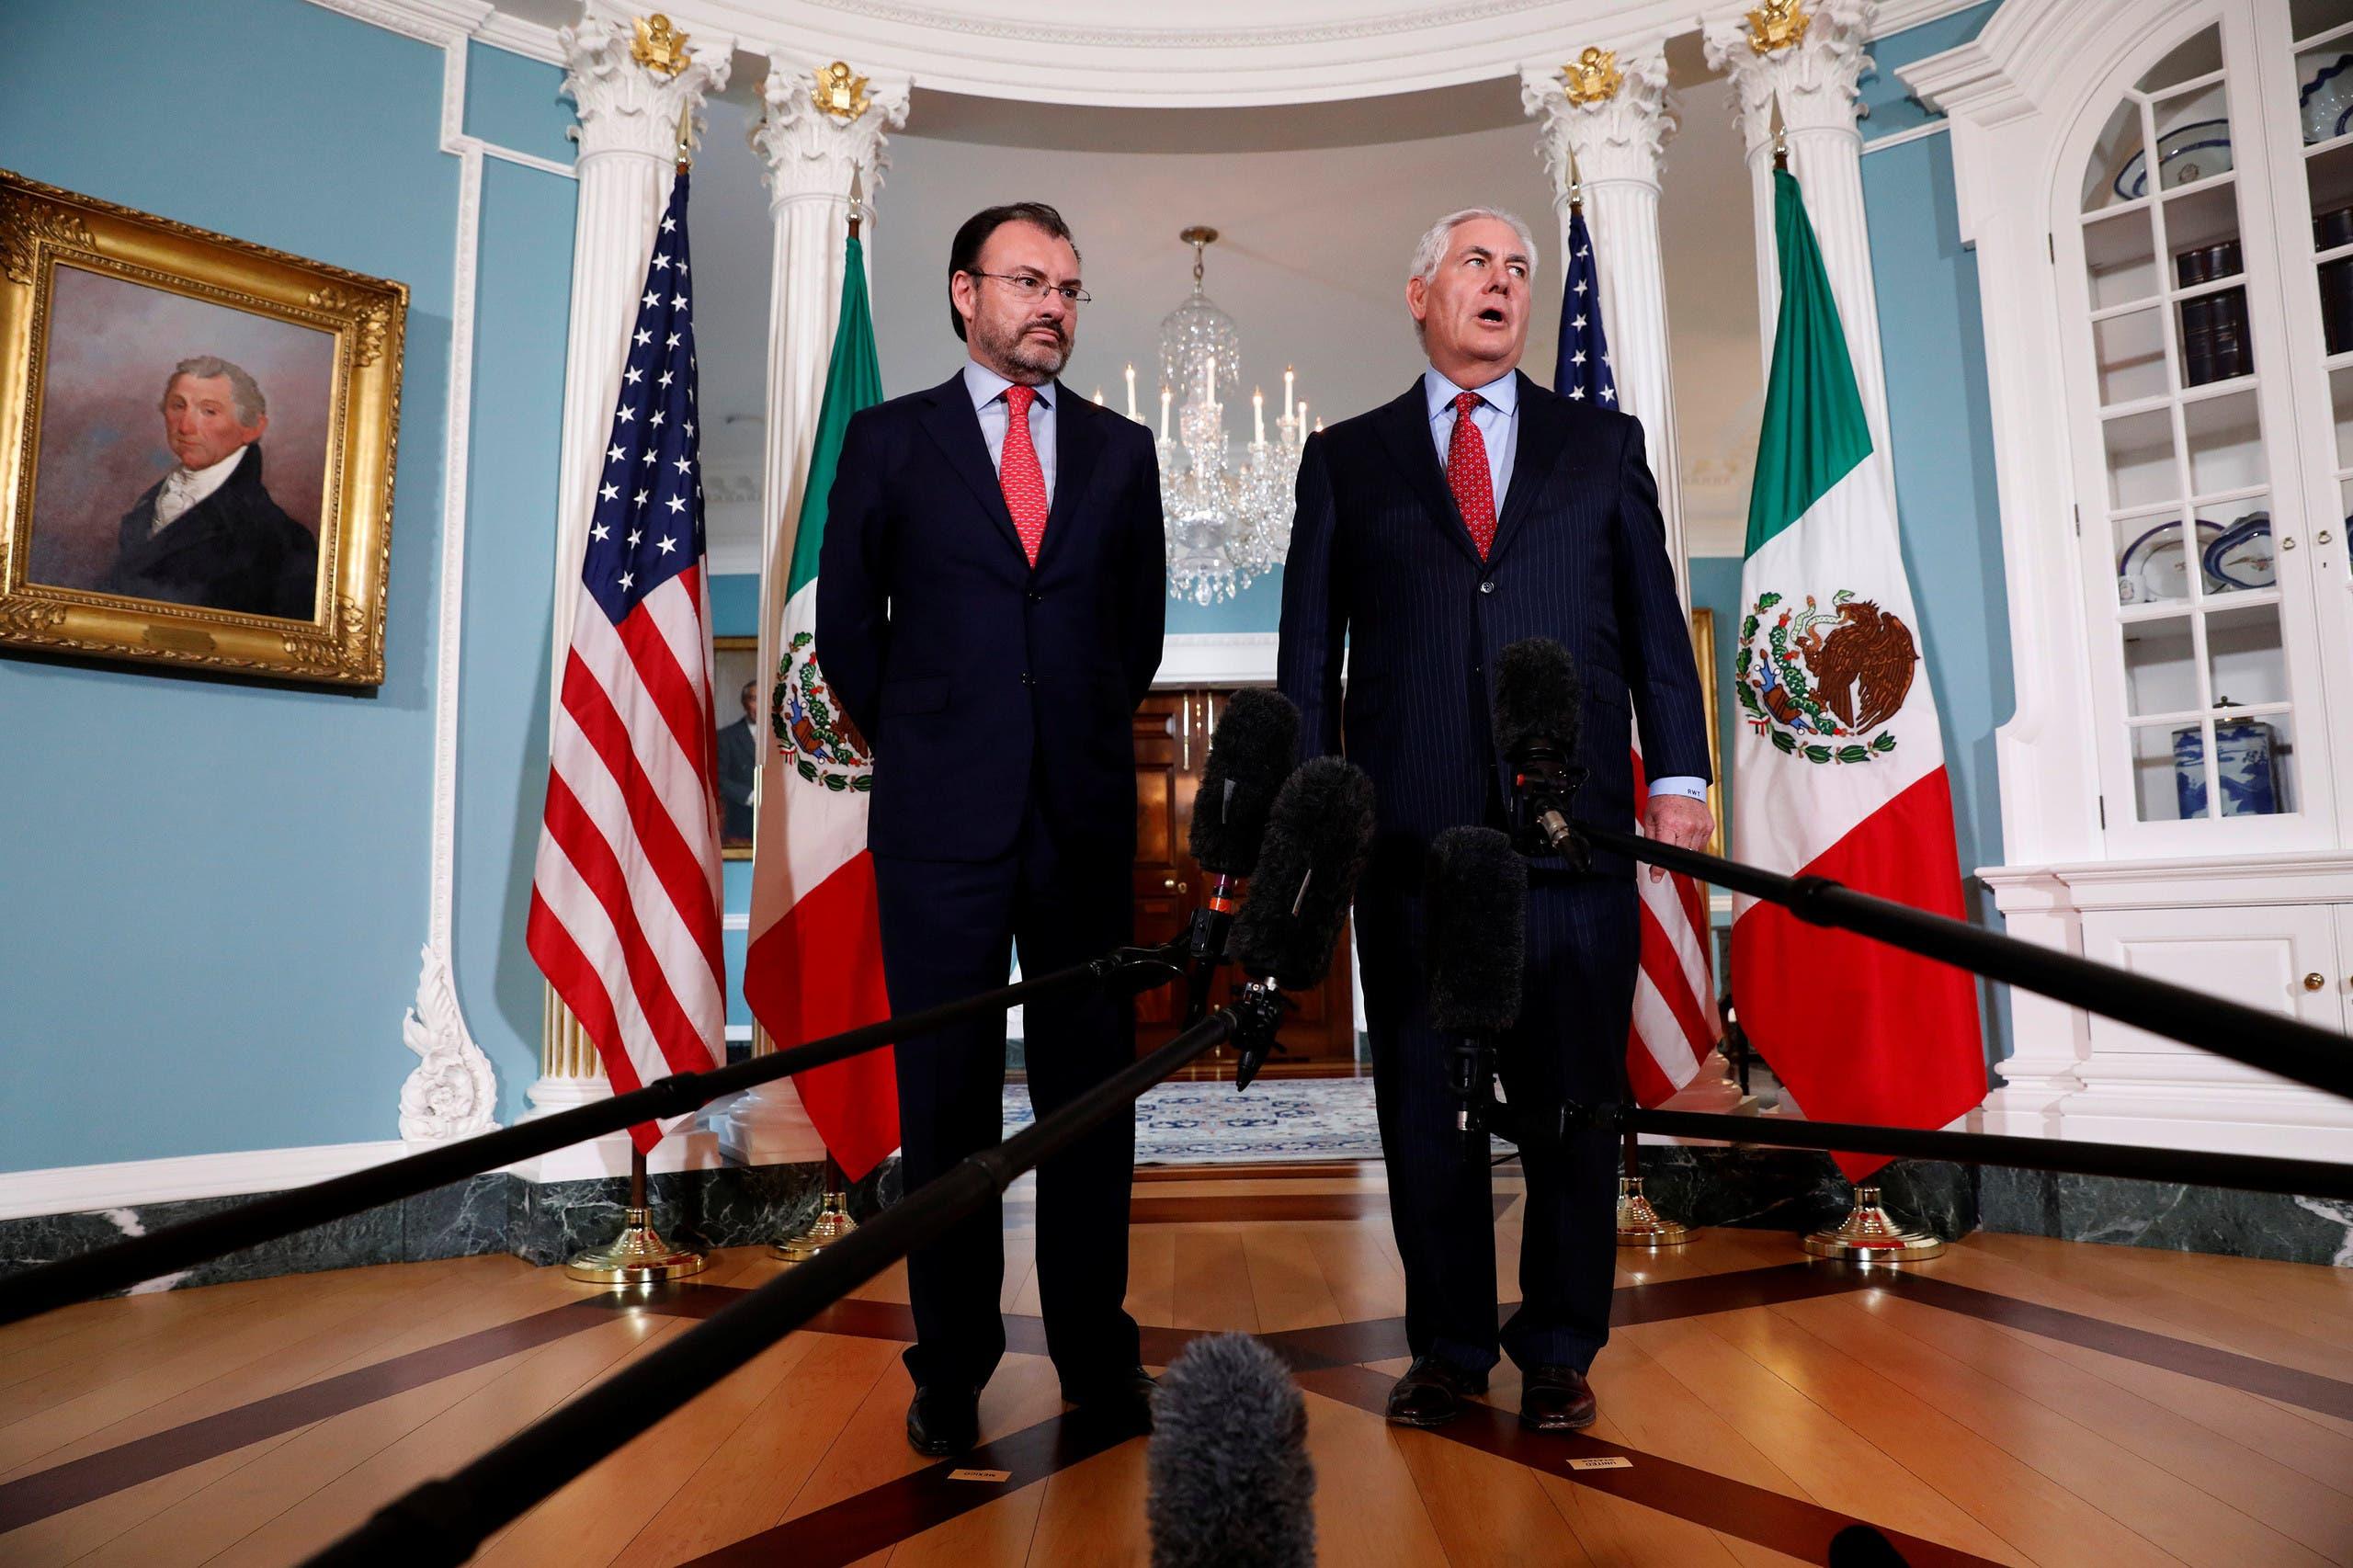 آخر ظهور علني لتيلرسون مع نظيره المكسيكي في 30 أغسطس الماضي